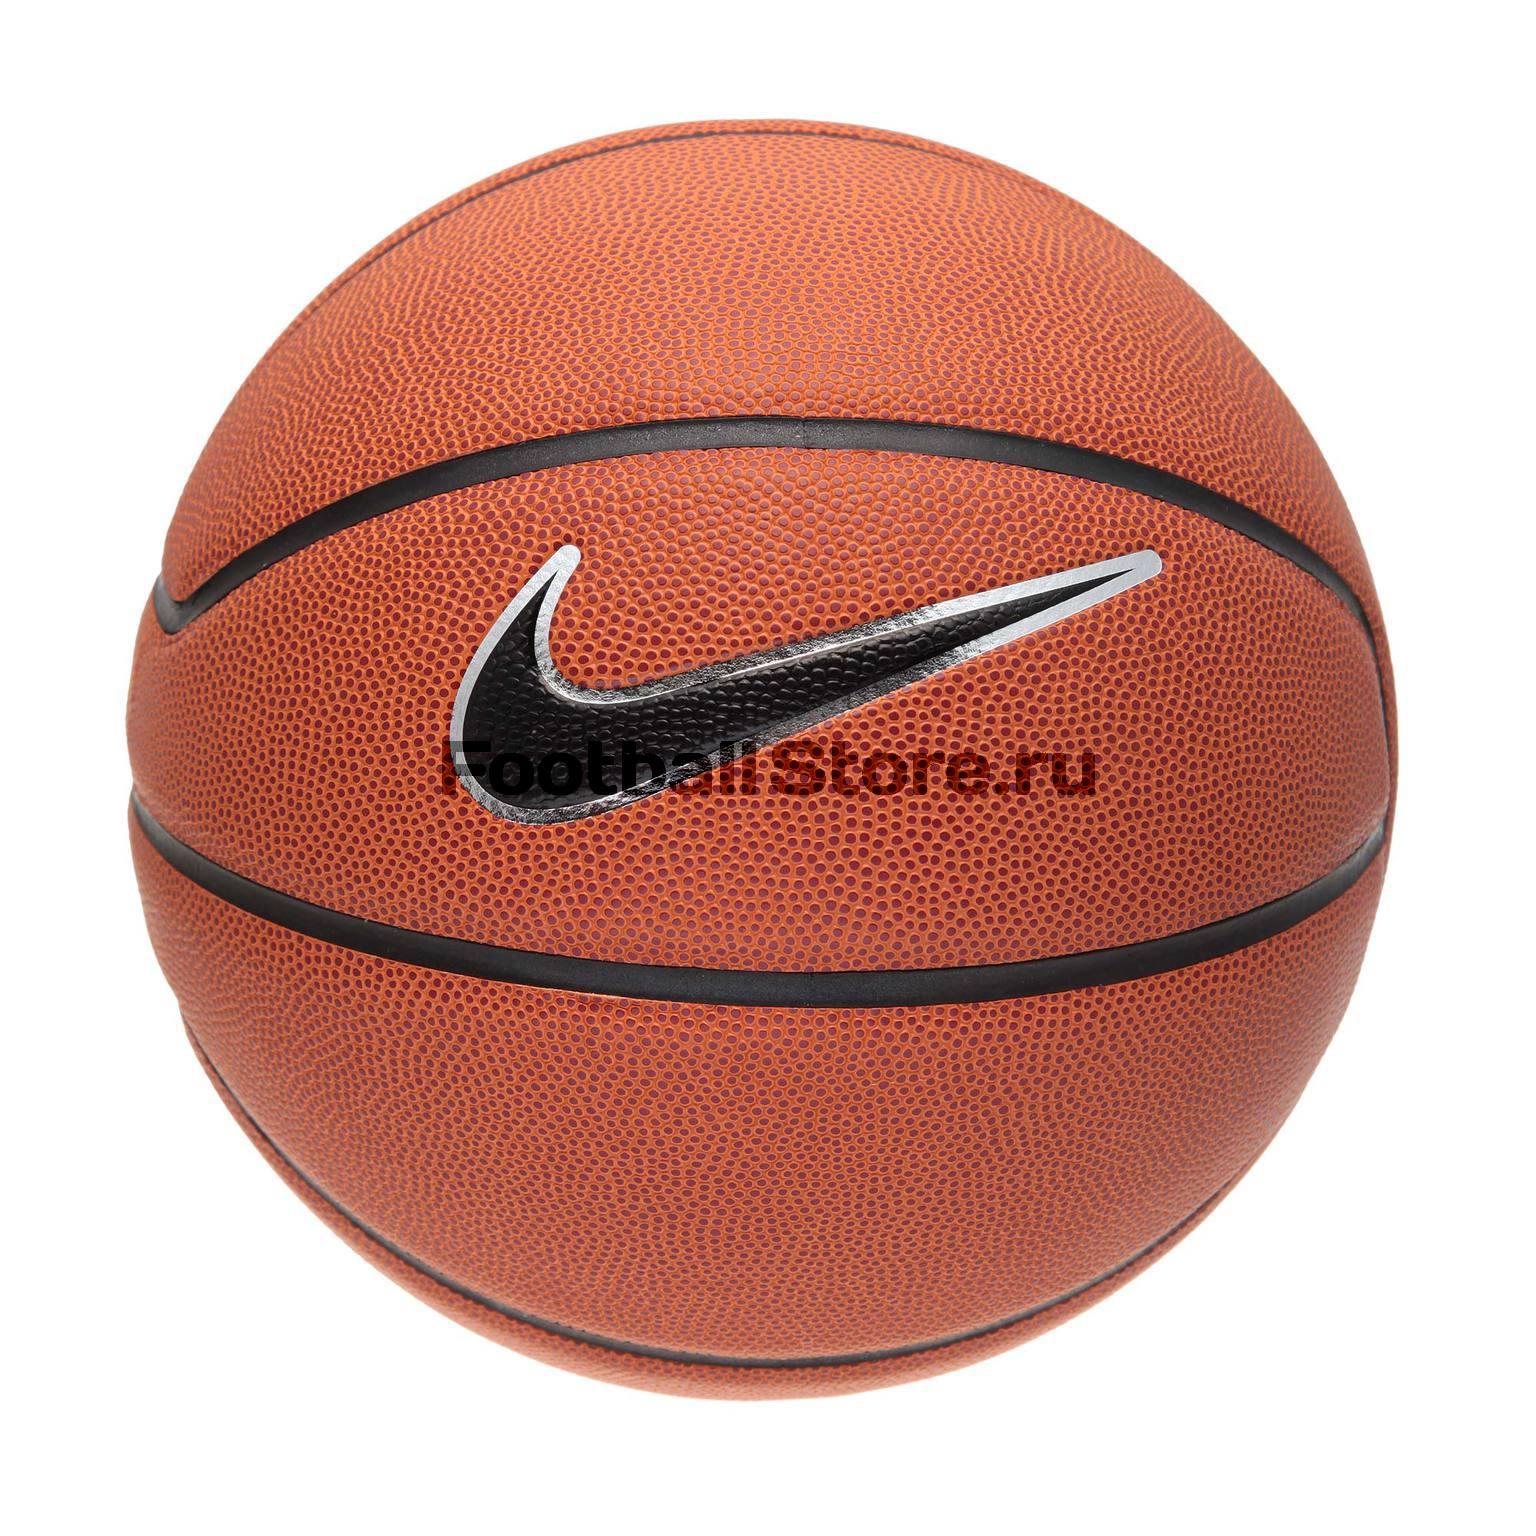 Баскетбольные Nike Мяч баскетбольный Nike Lebron All Courts 4P 07 N.KL.10.855 баскетбольные кроссовки nike lebron 11 what the lebron lbj 650884 400